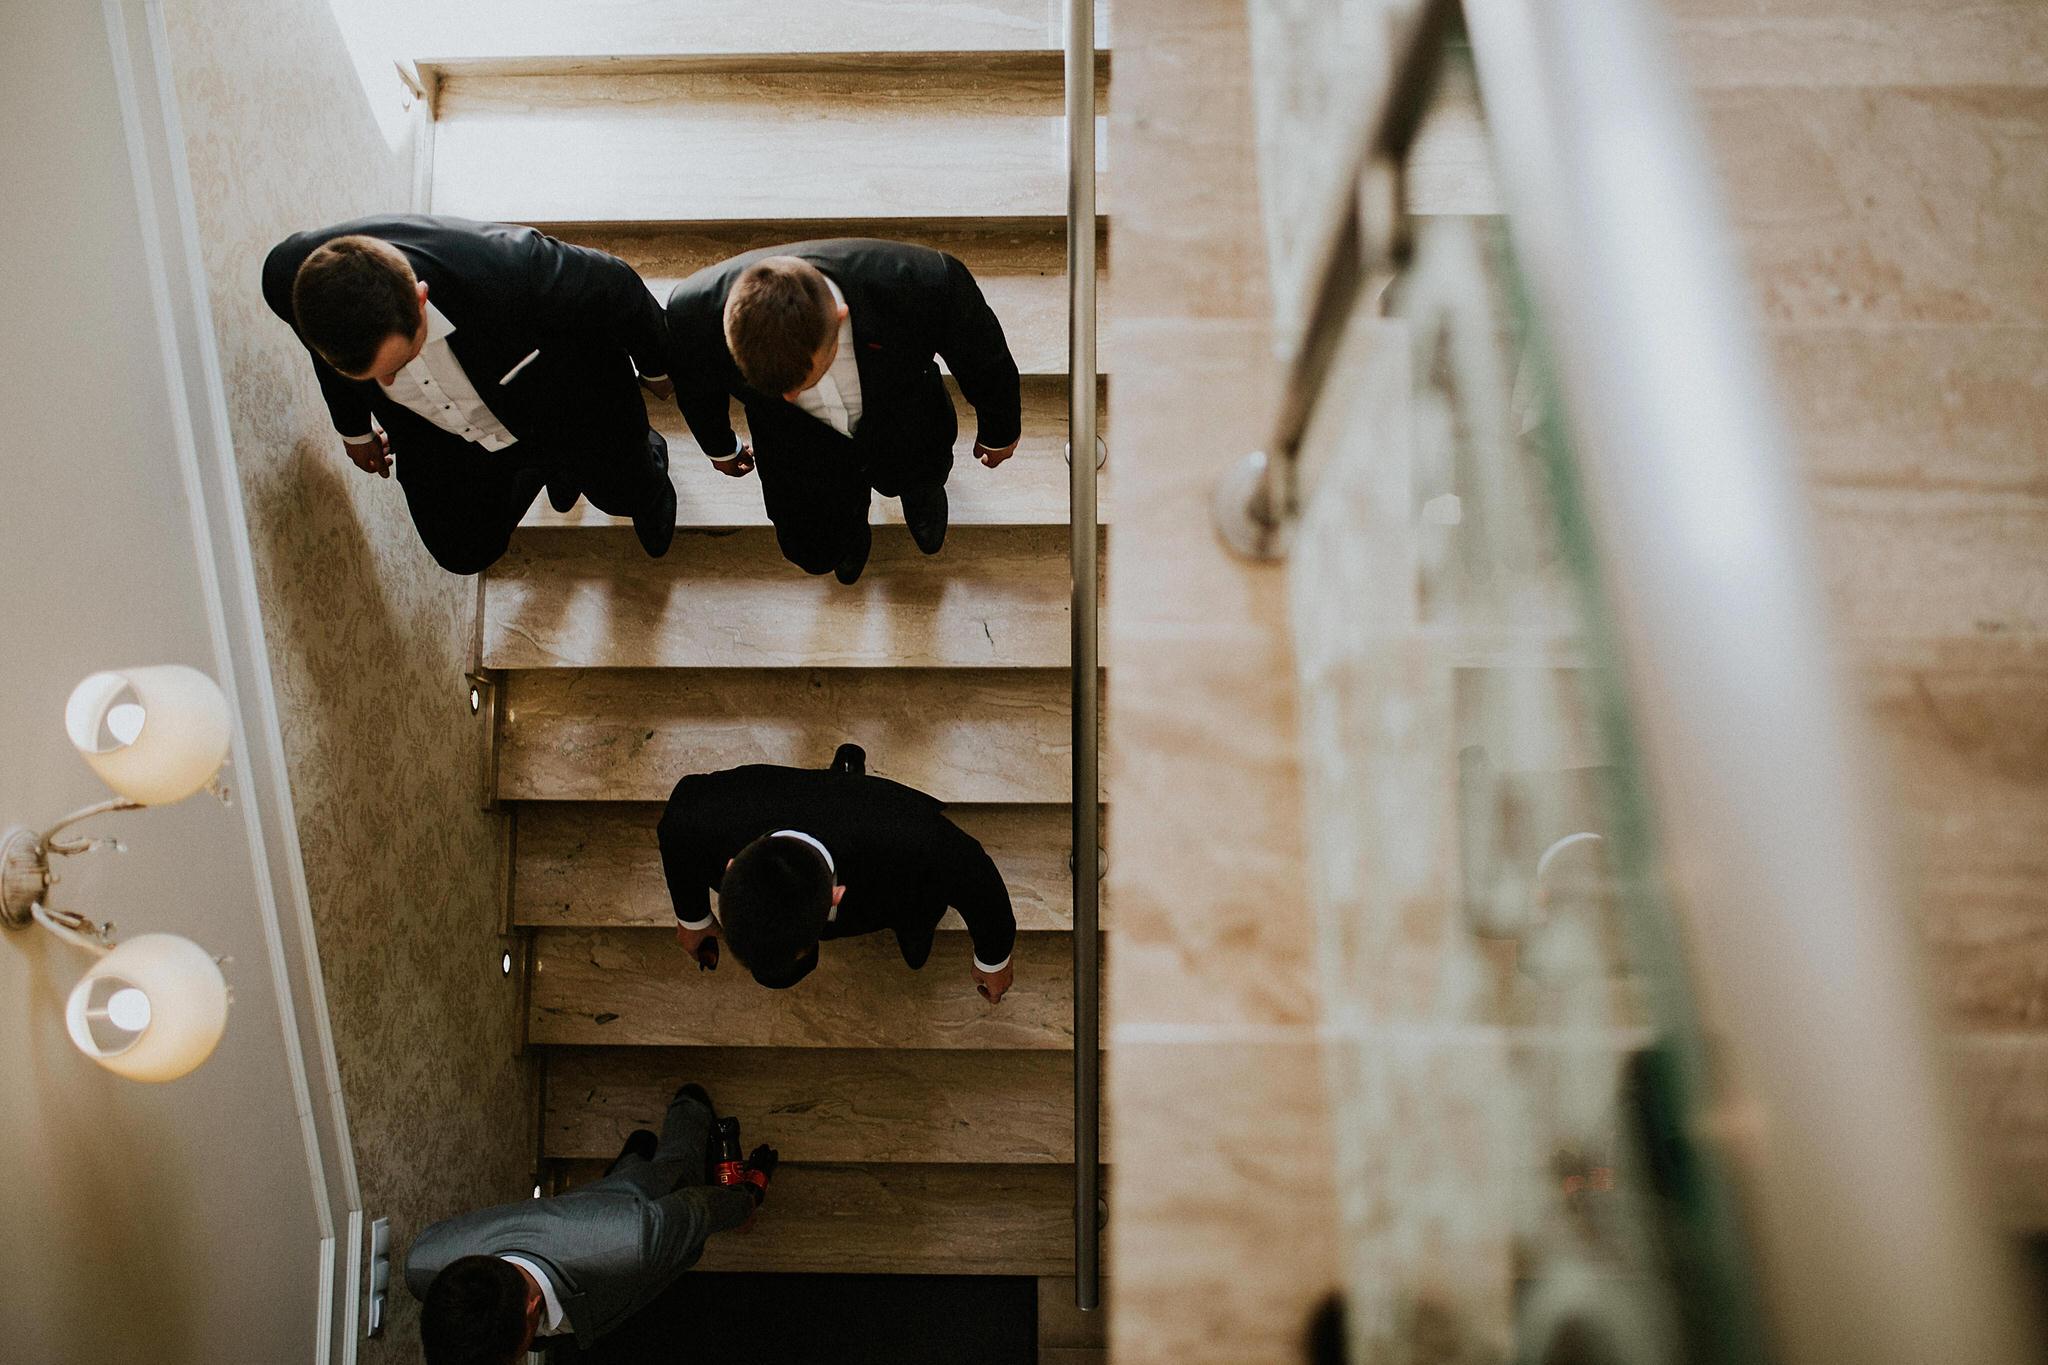 sandramarcin fotograf Karol Nycz www.karolnycz.com 29